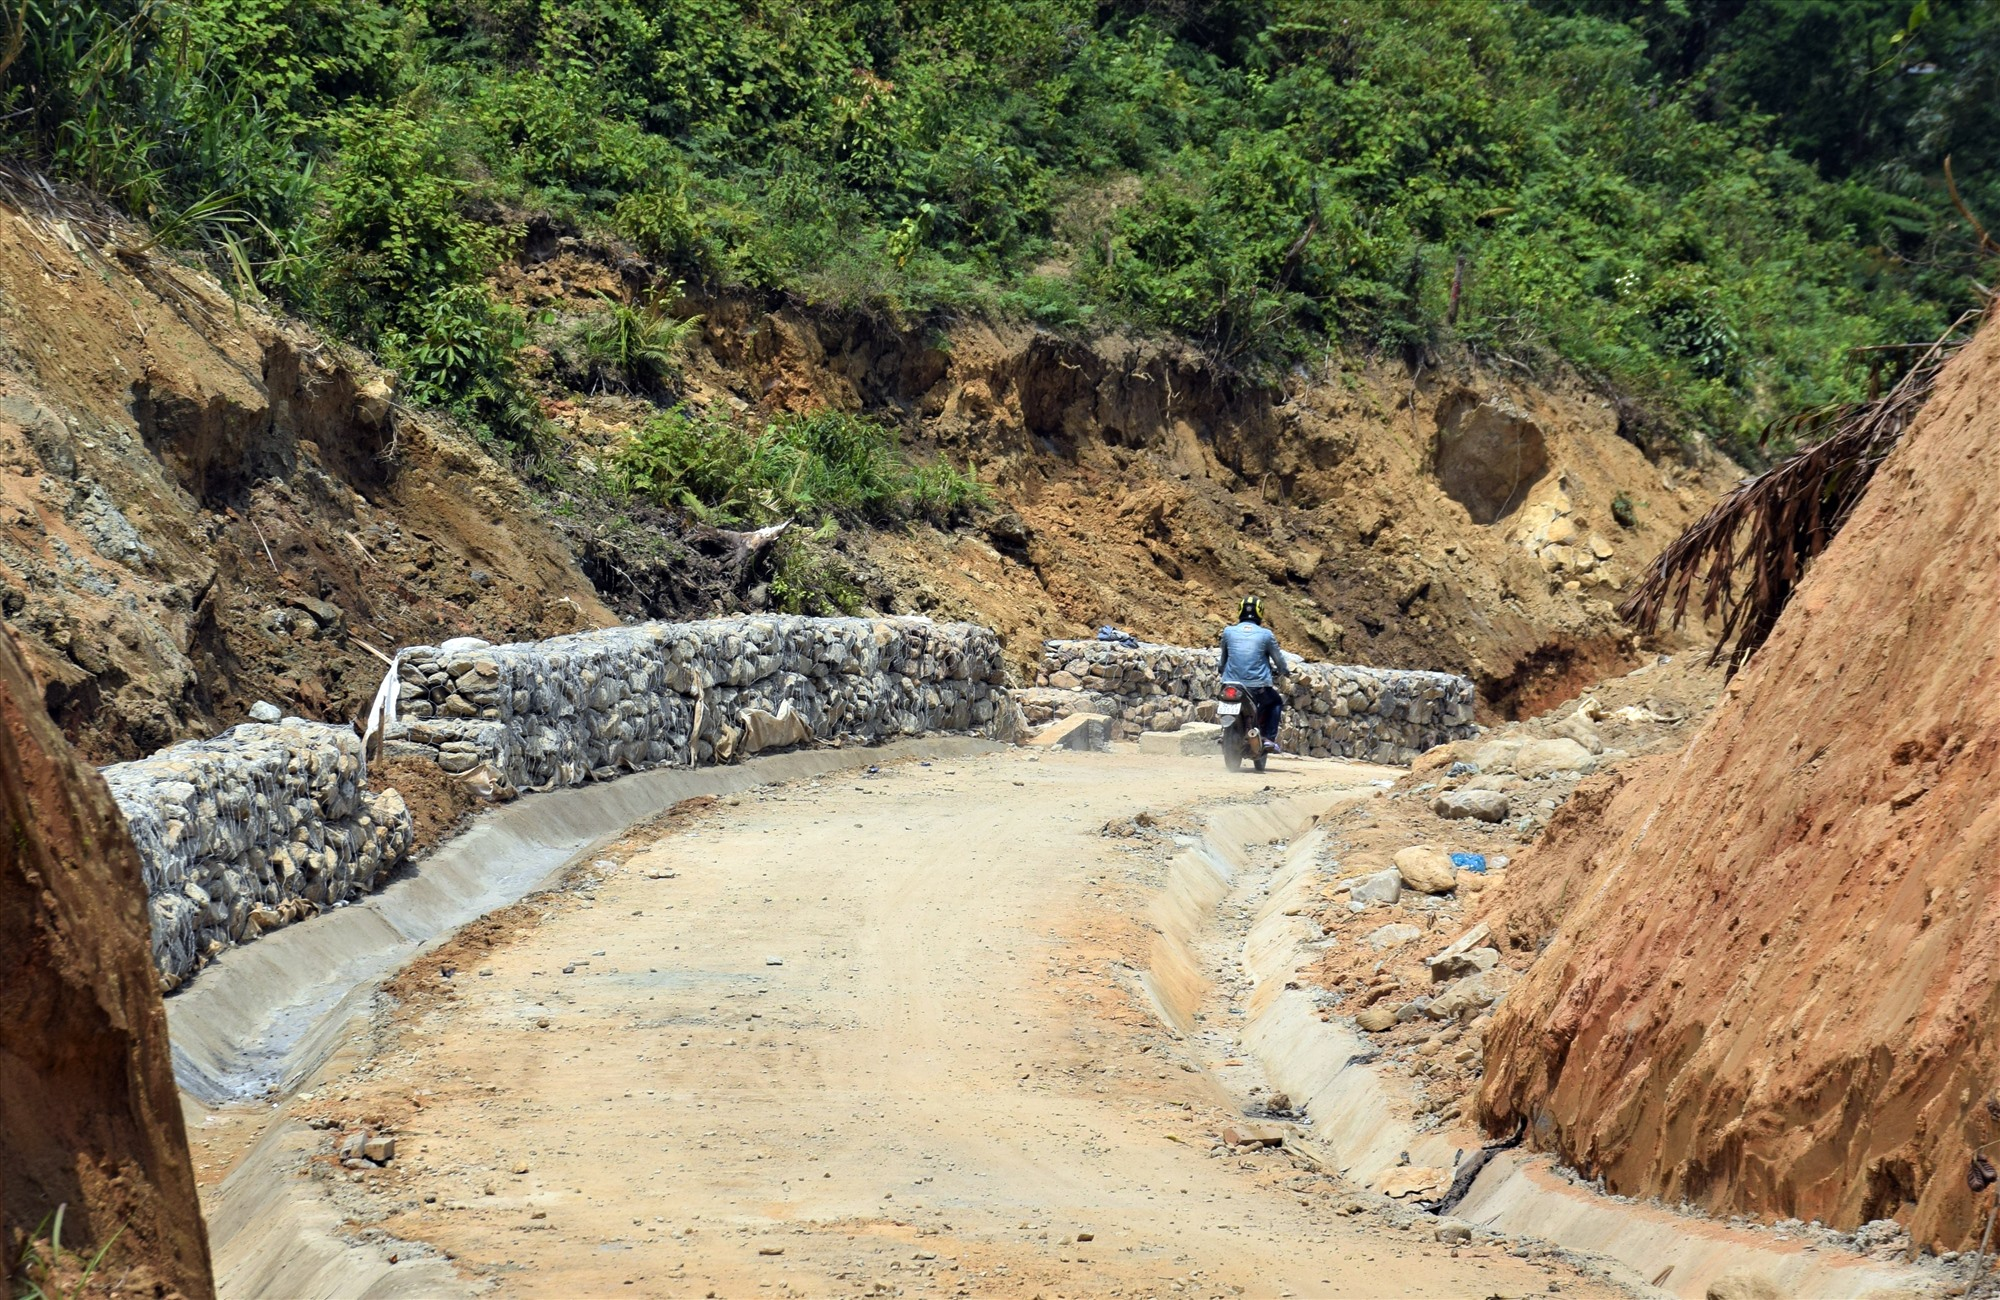 Phước Sơn đã, đang và sẽ tiếp tục ưu tiên đầu tư kết nối hạ tầng giao thông. Ảnh: T.C